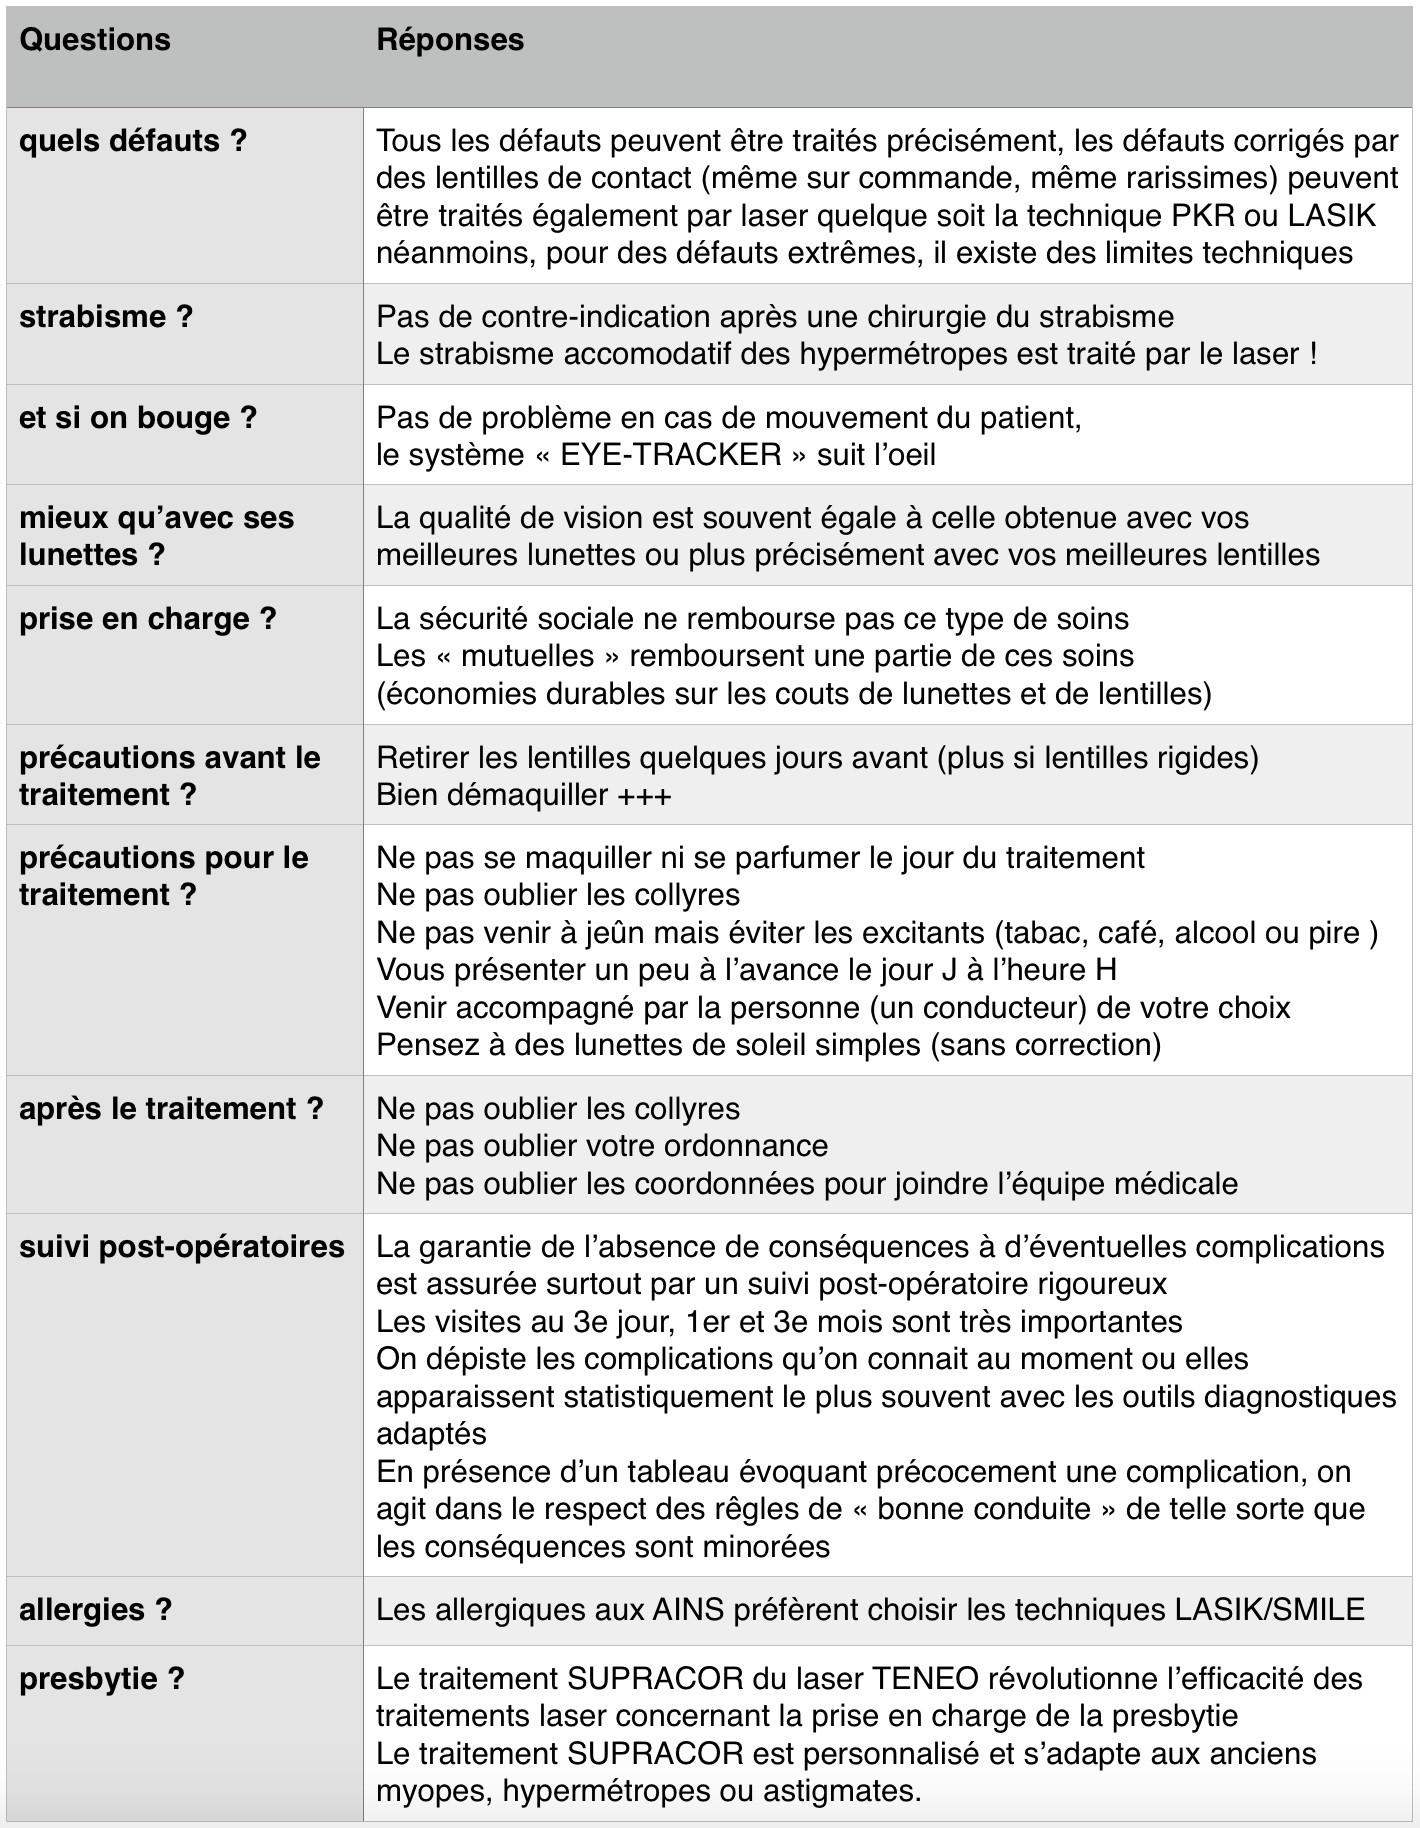 CORRECTION AU LASER DES DEFAUTS VISUELS FAQ